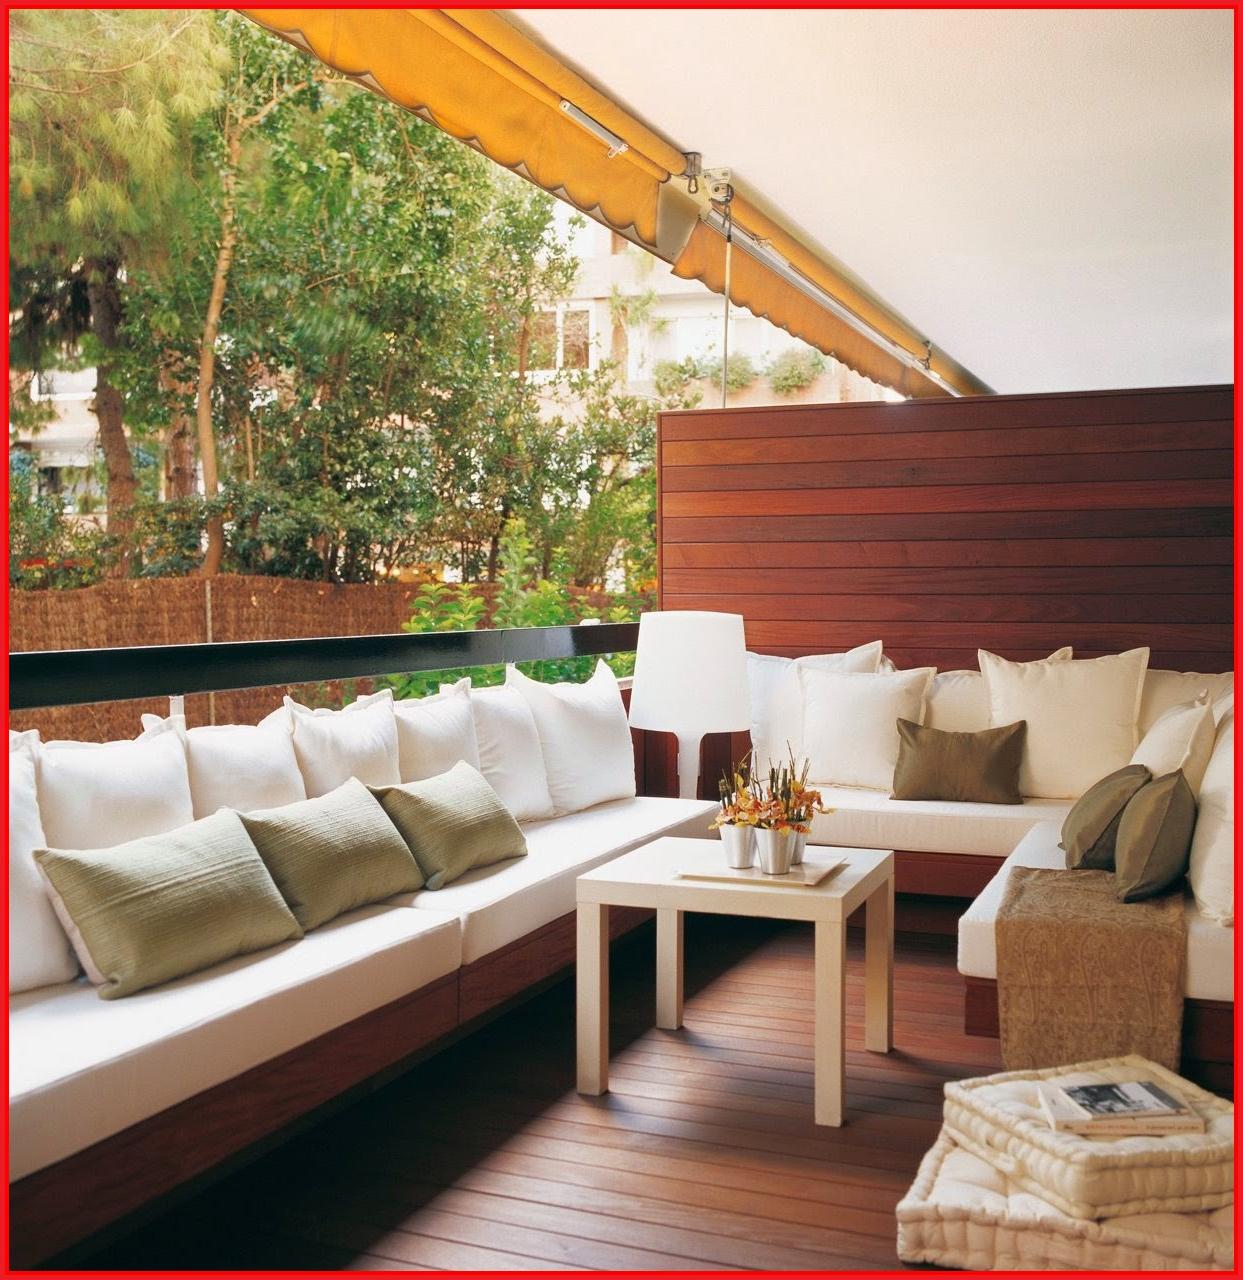 Mesas Pequeñas Jxdu Mesas Para Terrazas Pequeà as Muebles Para Terrazas Pequeas